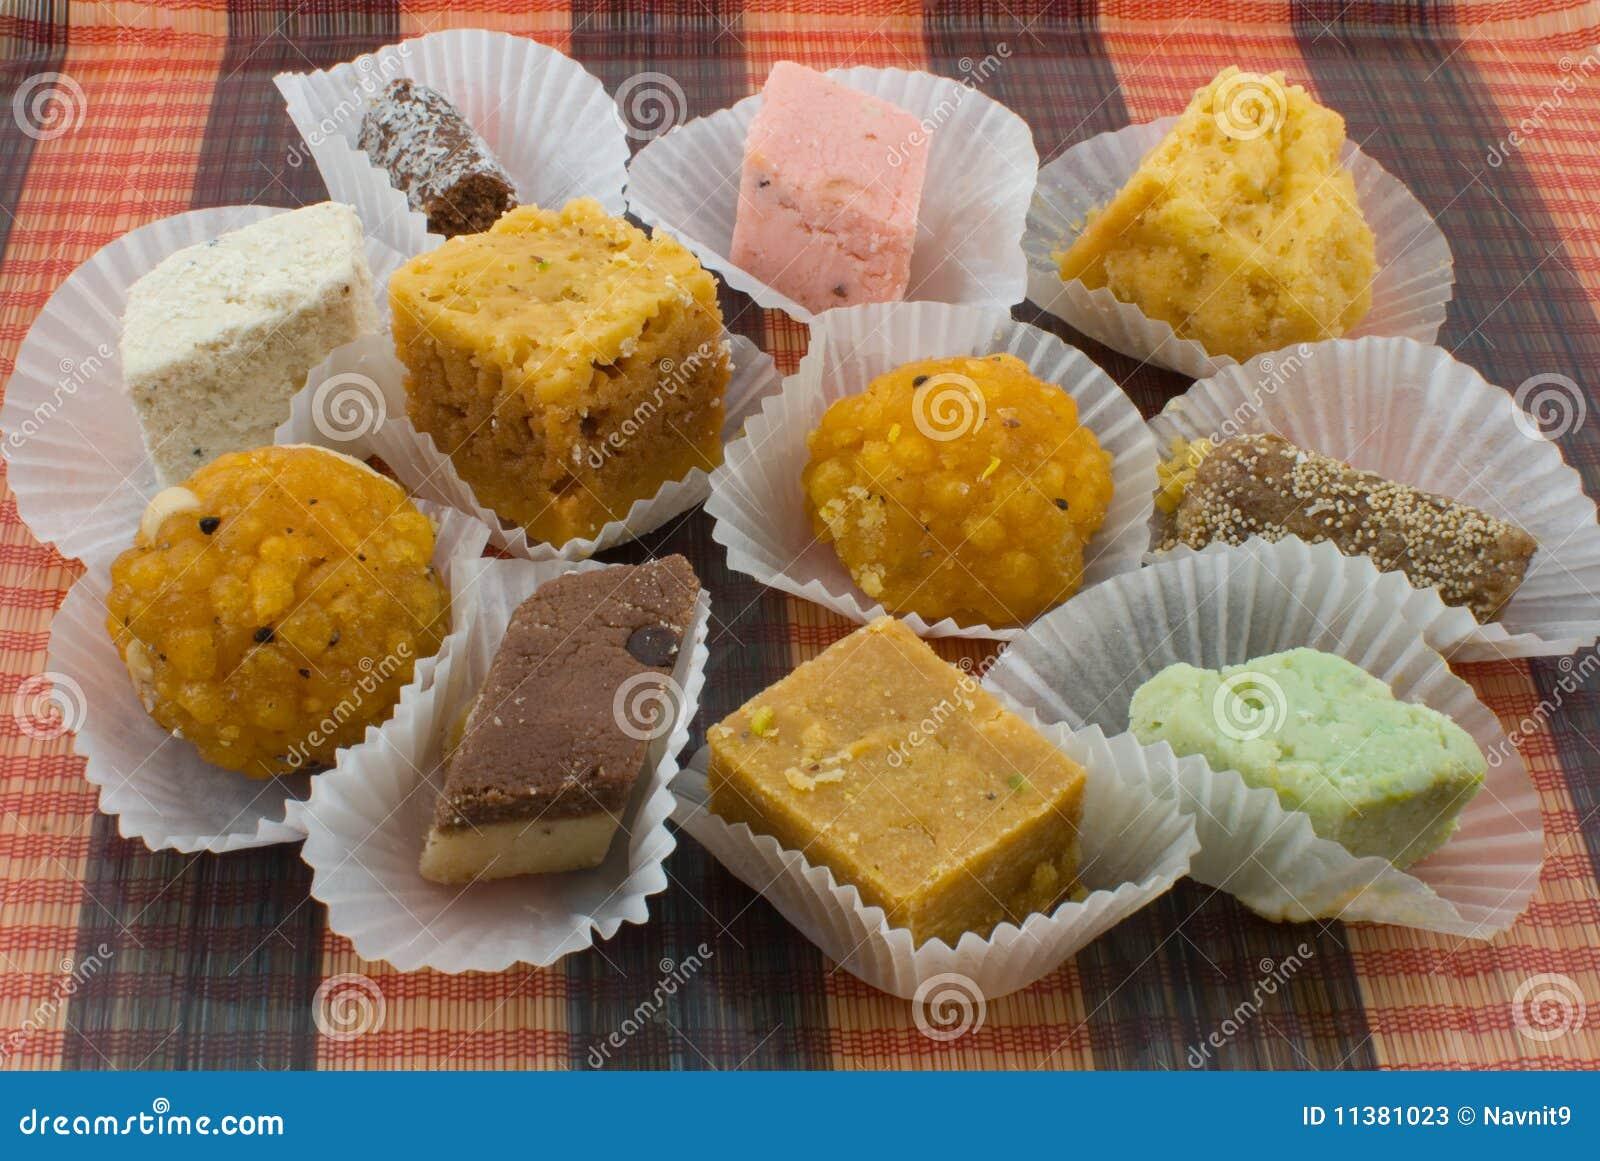 För sortiment förberedda sötsaker nytt indier